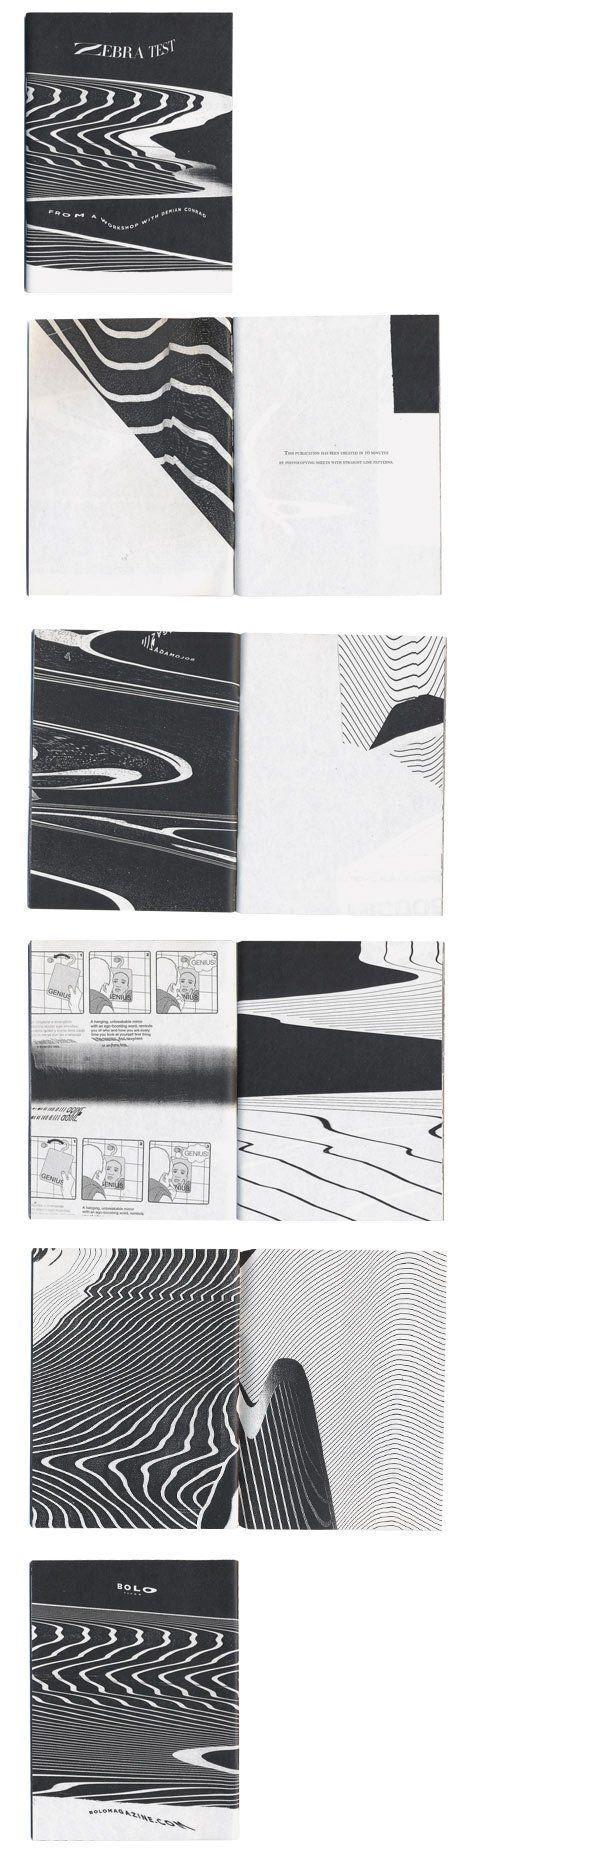 Zebra Test | BOLOBOLO